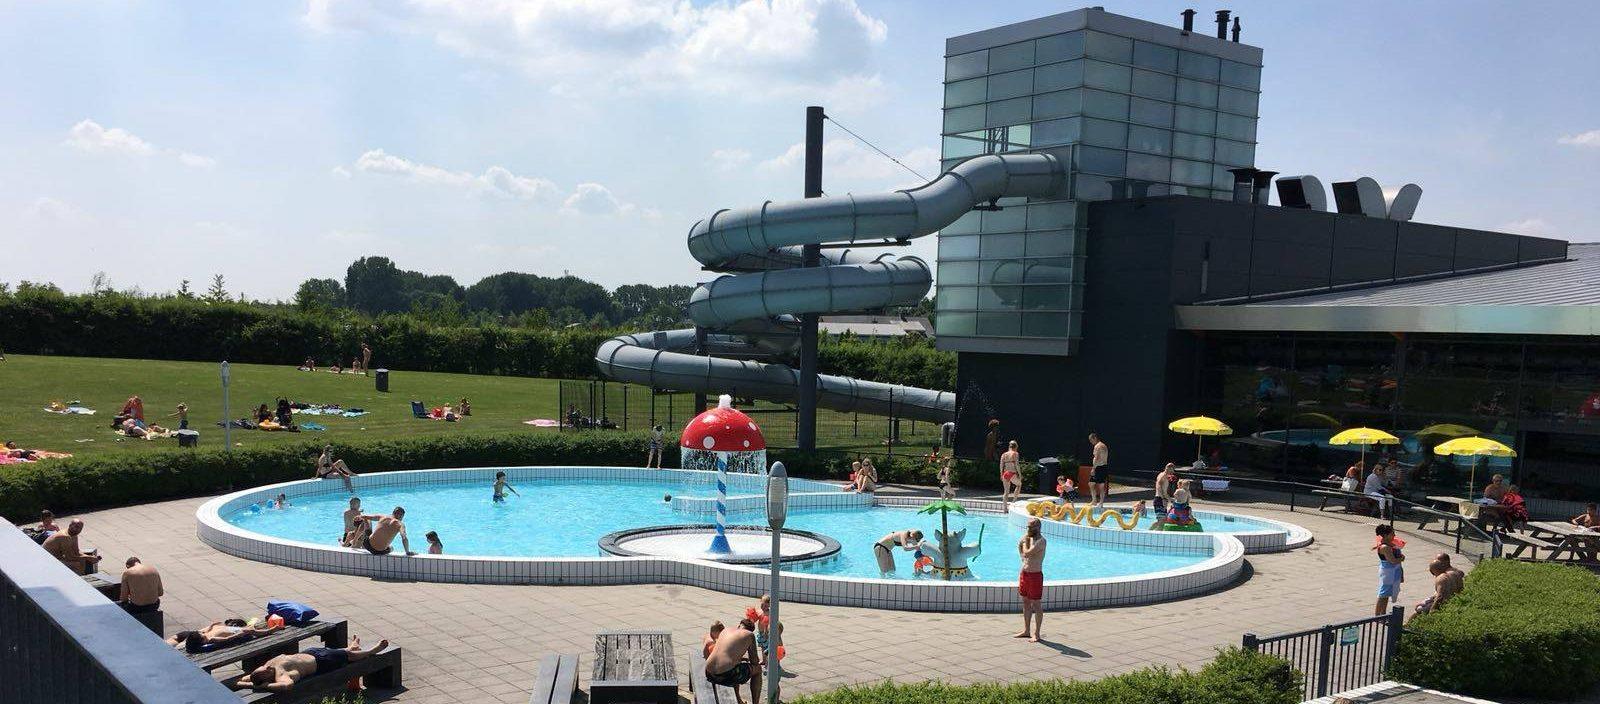 Zwembad De Windas.Zwembad De Windas Jongens En Meiden